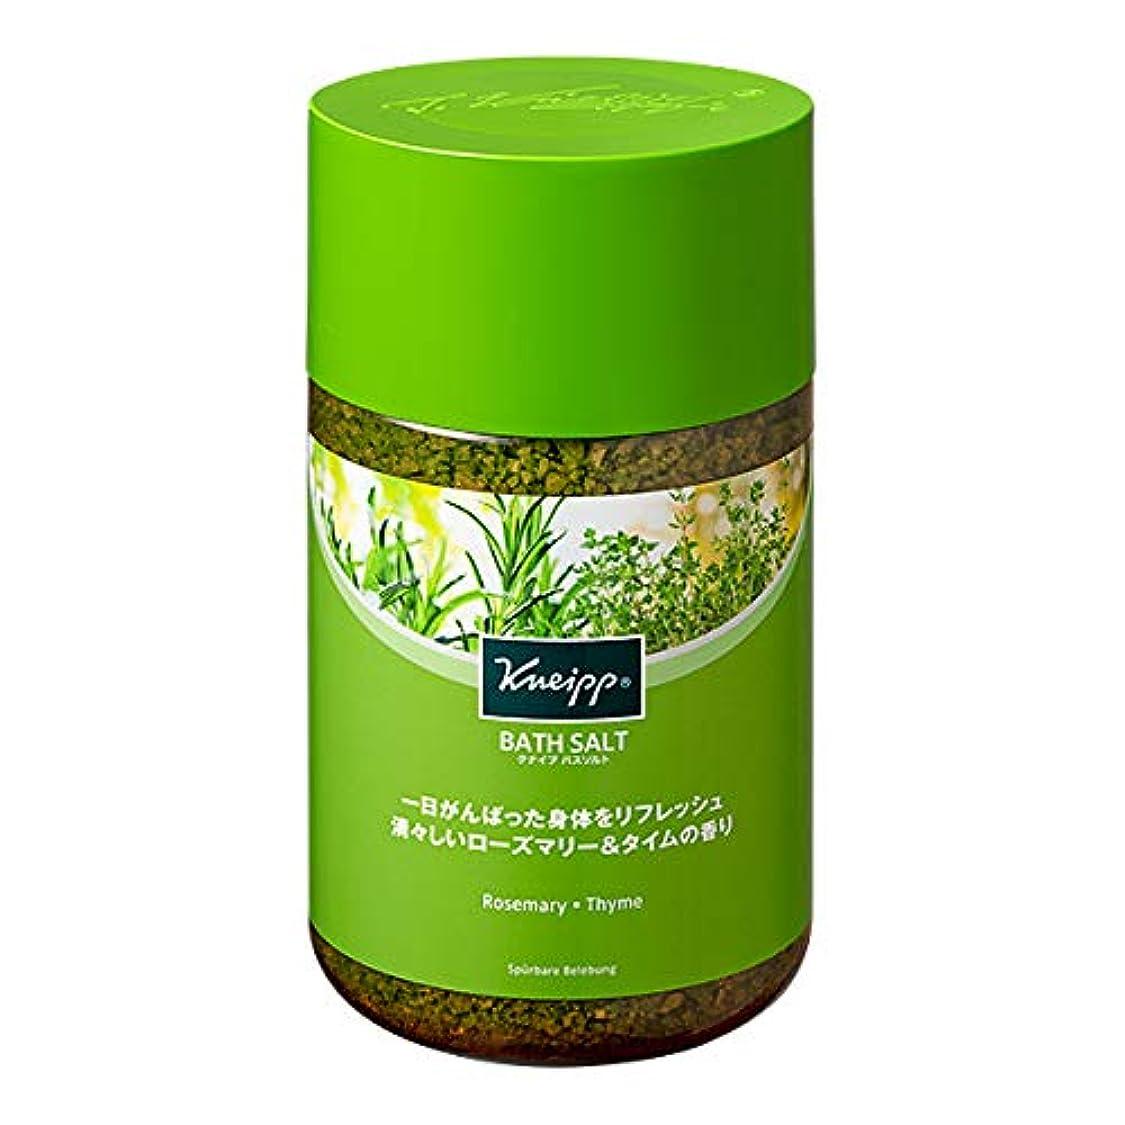 ベール何故なのスペクトラムクナイプ(Kneipp) クナイプ バスソルト ローズマリー&タイムの香り850g 入浴剤